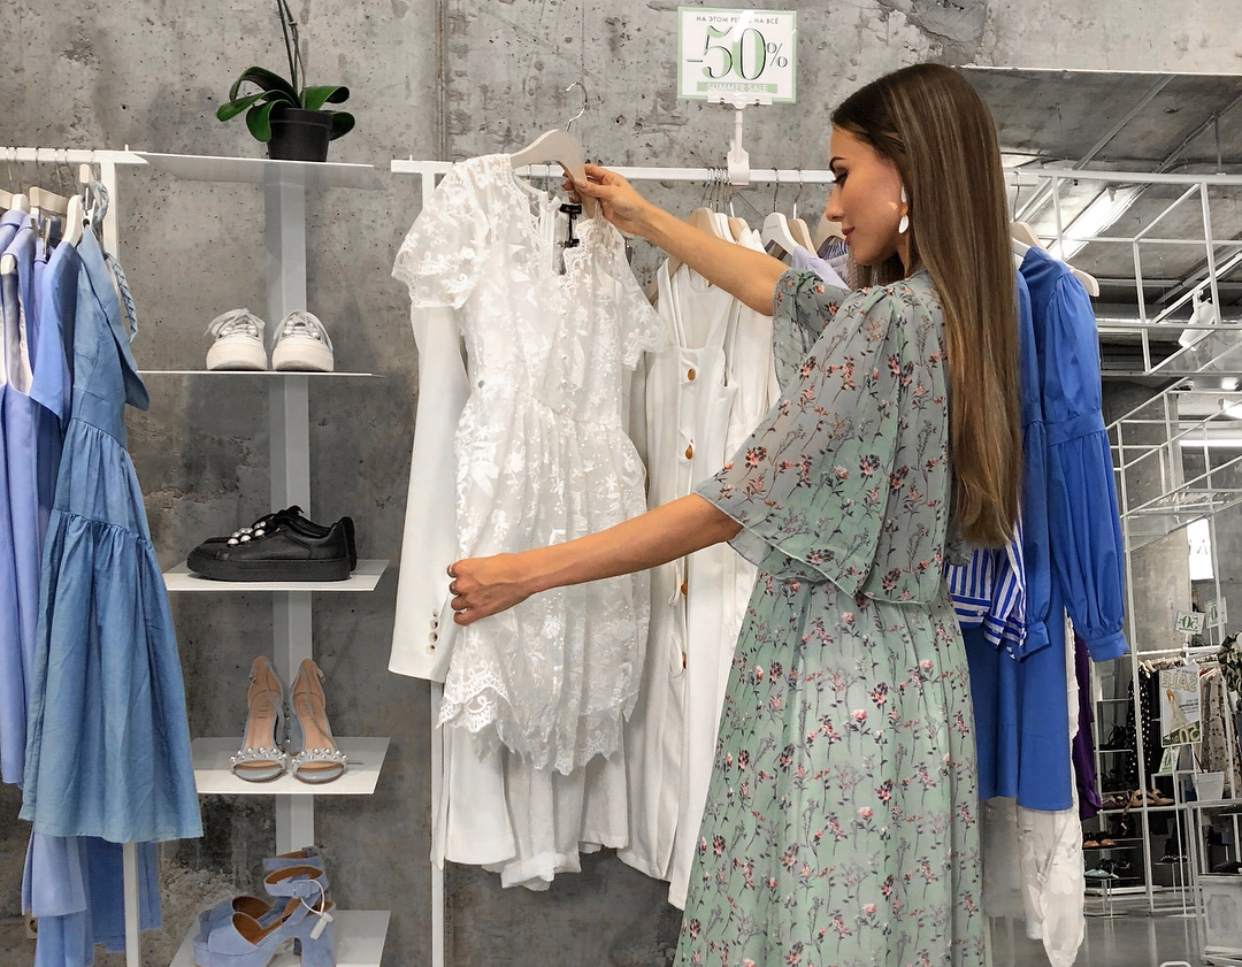 019e0d99eff 7 способов купить дешевую одежду